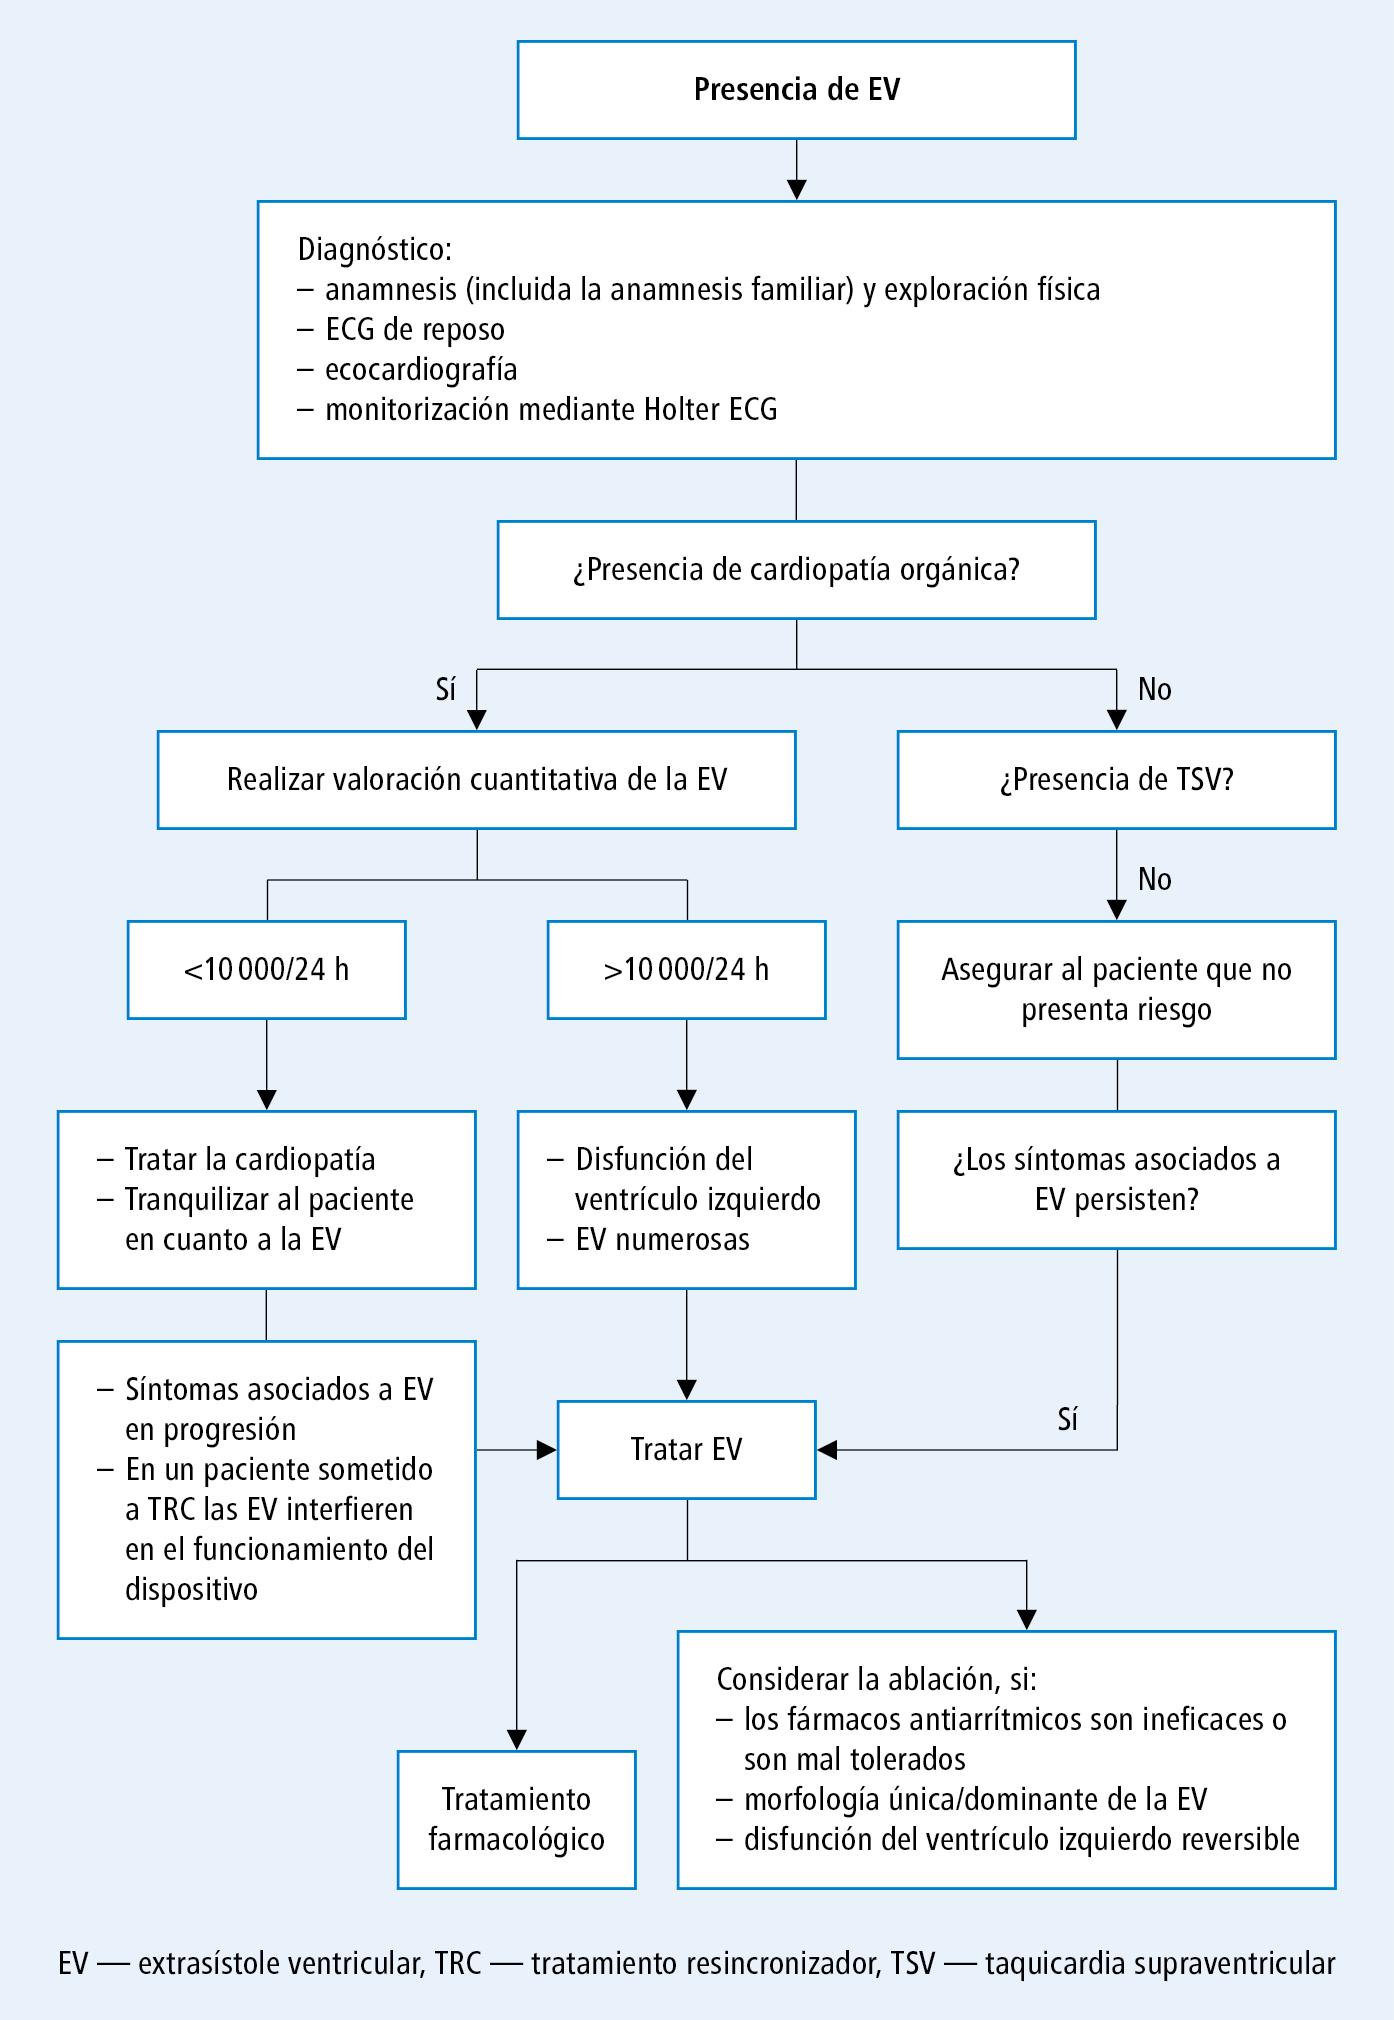 Actuación en enfermos con extrasístole (a base de opinión acordada de los expertos de EHRA, HRS y APHRS 2014, modificada)